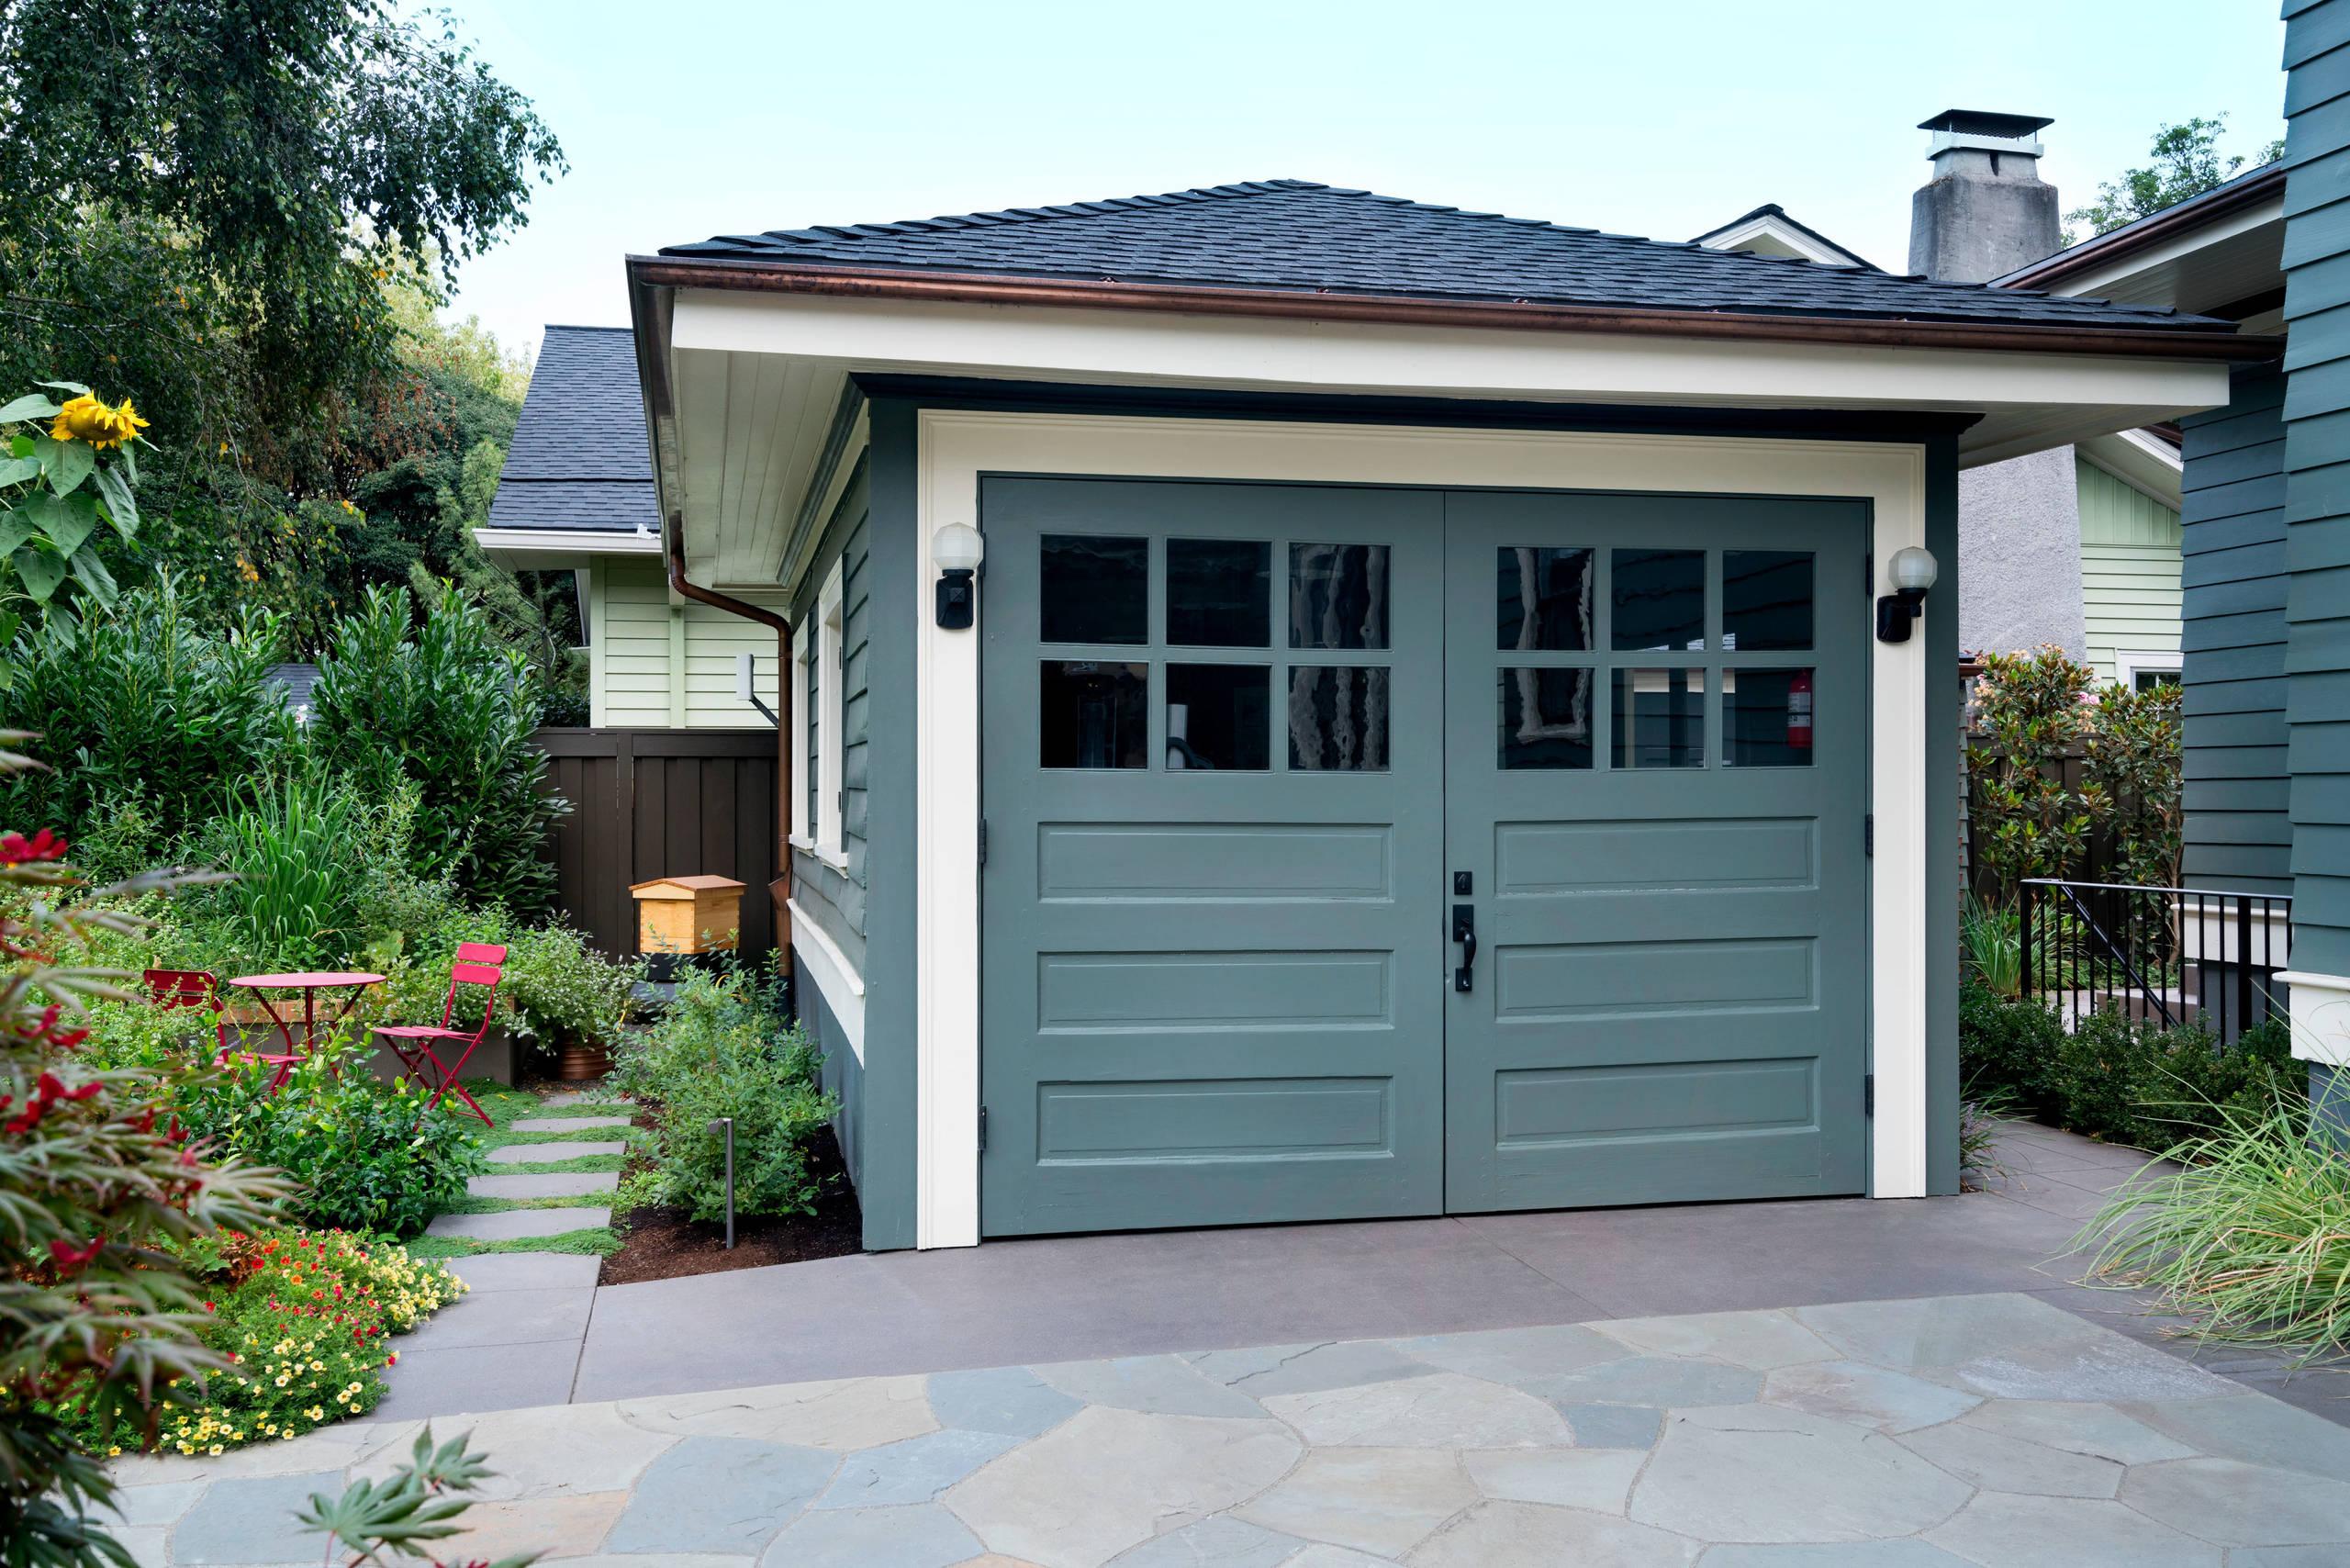 How to program craftsman garage door opener Craftsman Garage covered walkway dalrymple sallis detached East Hill garage Pensacola